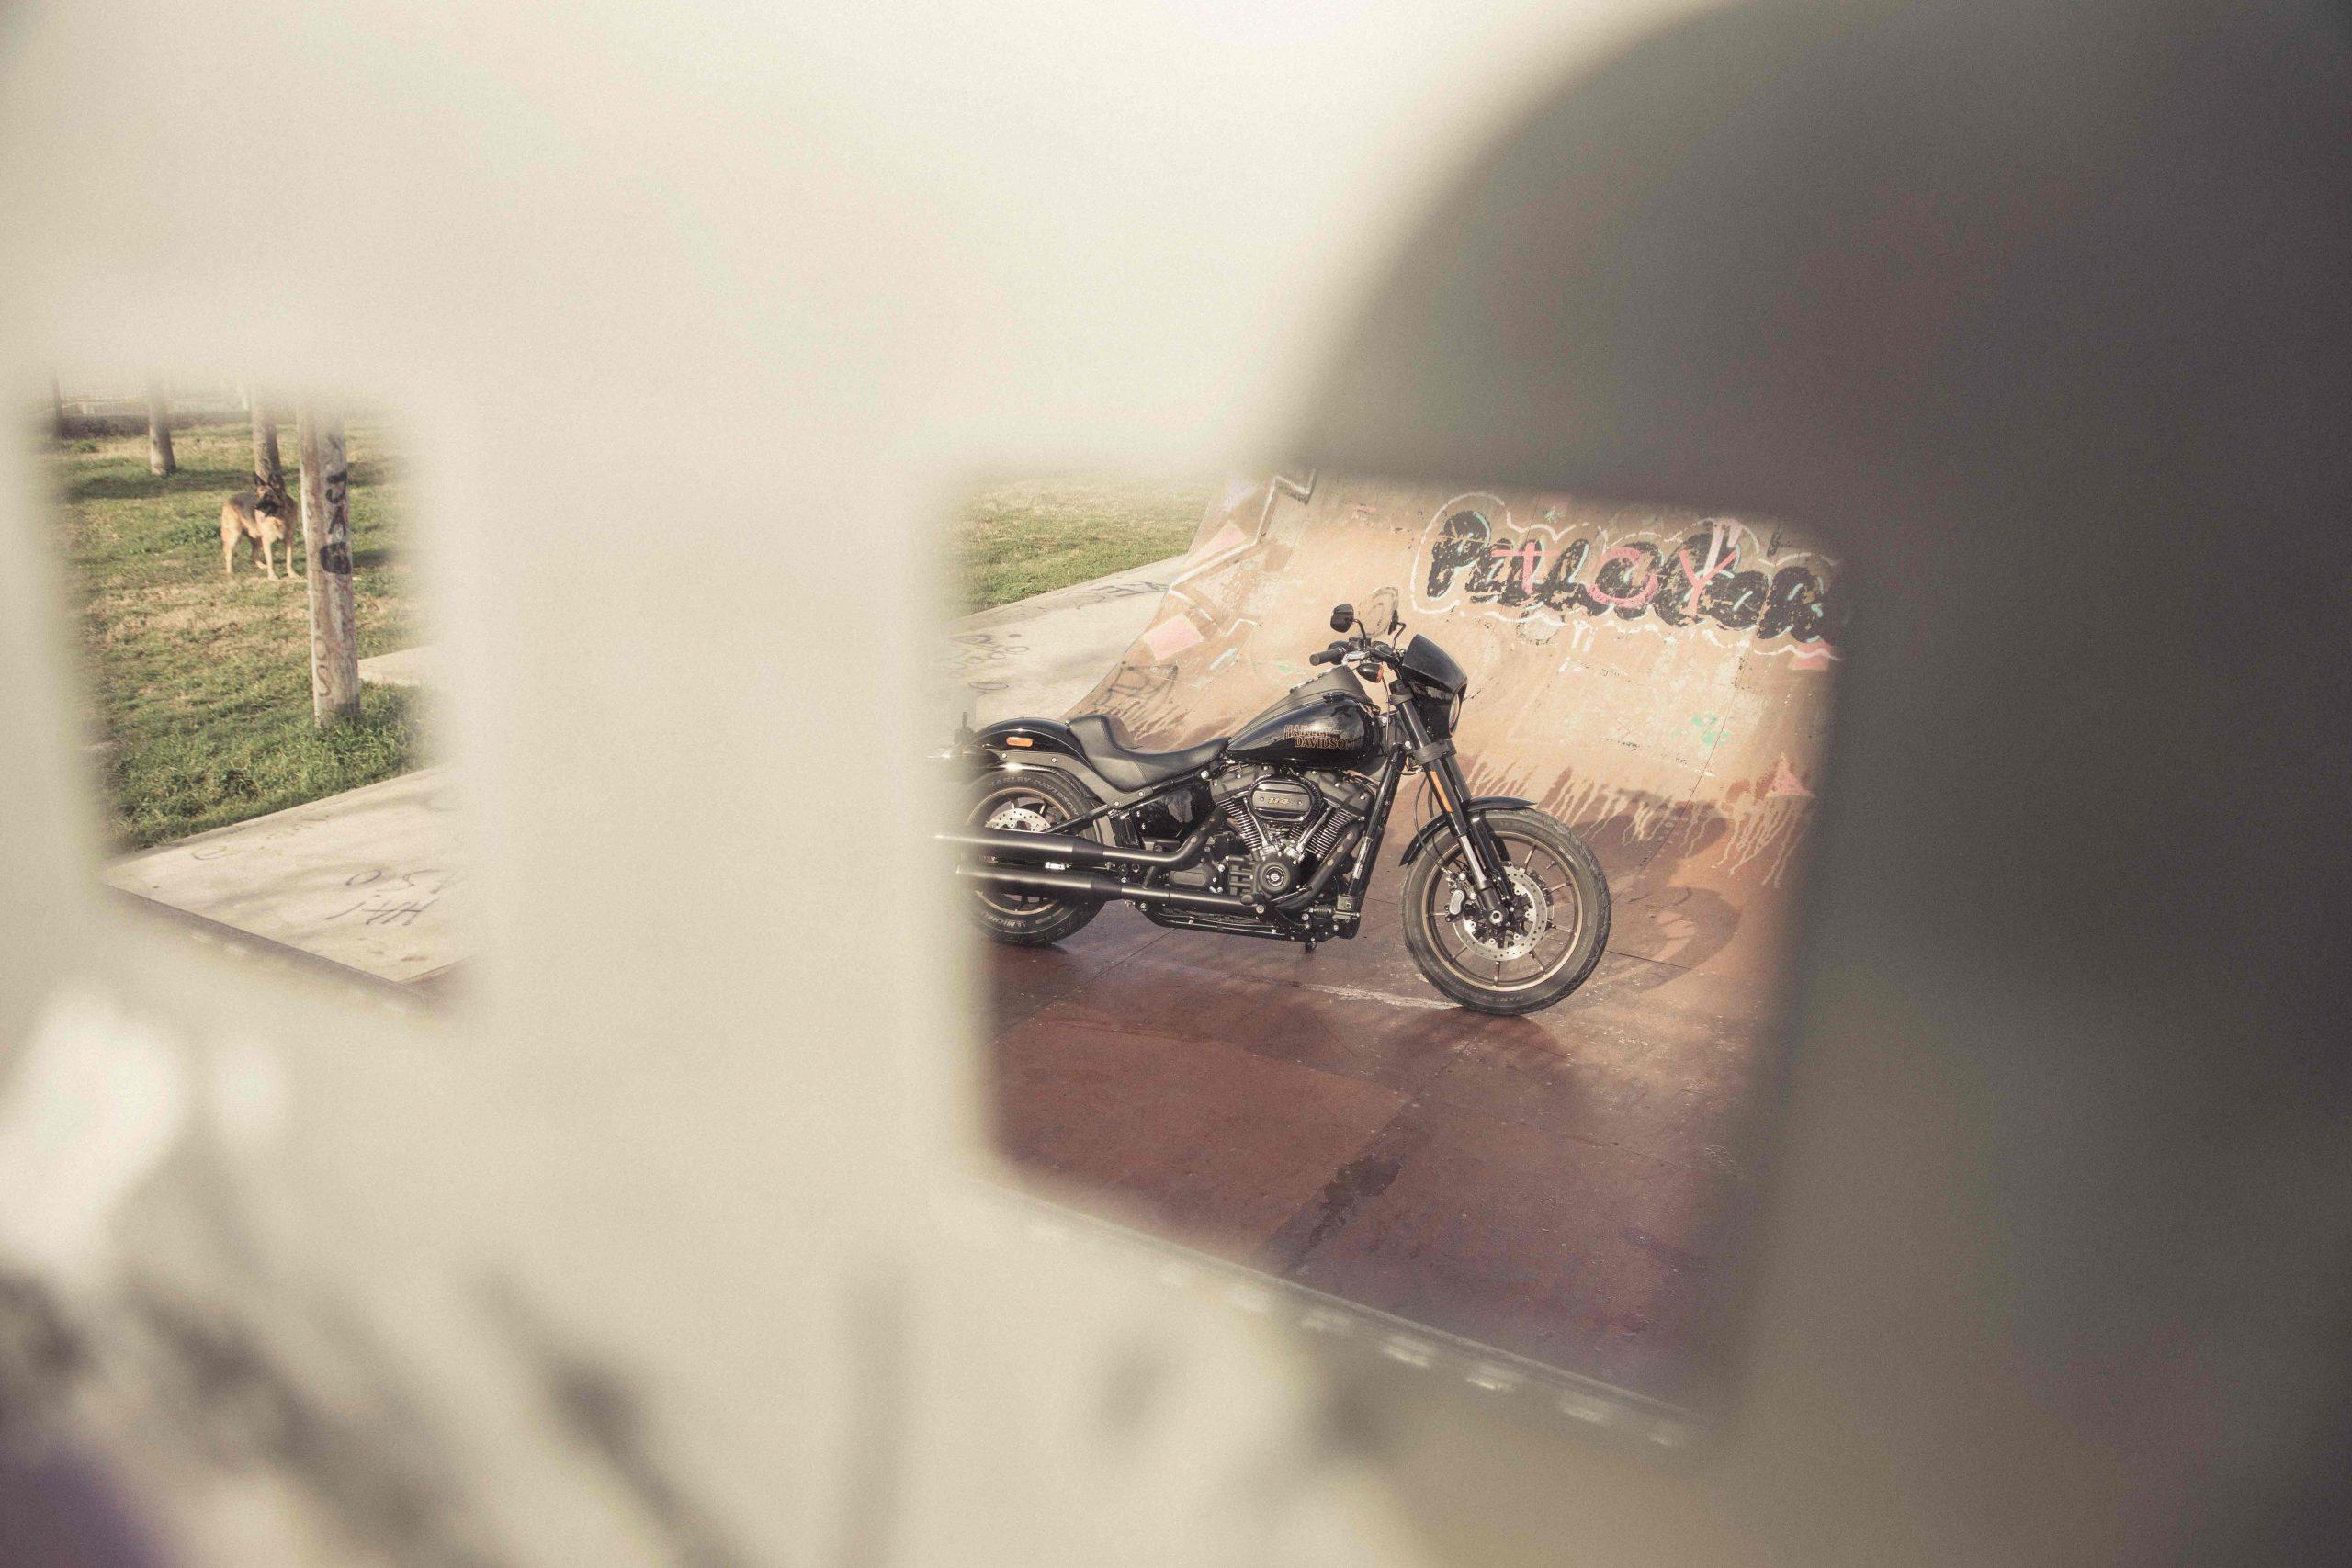 9fotografia-motos-motor-motosnet-dosruedas-fotografa-barcelona-motocicleta-harley